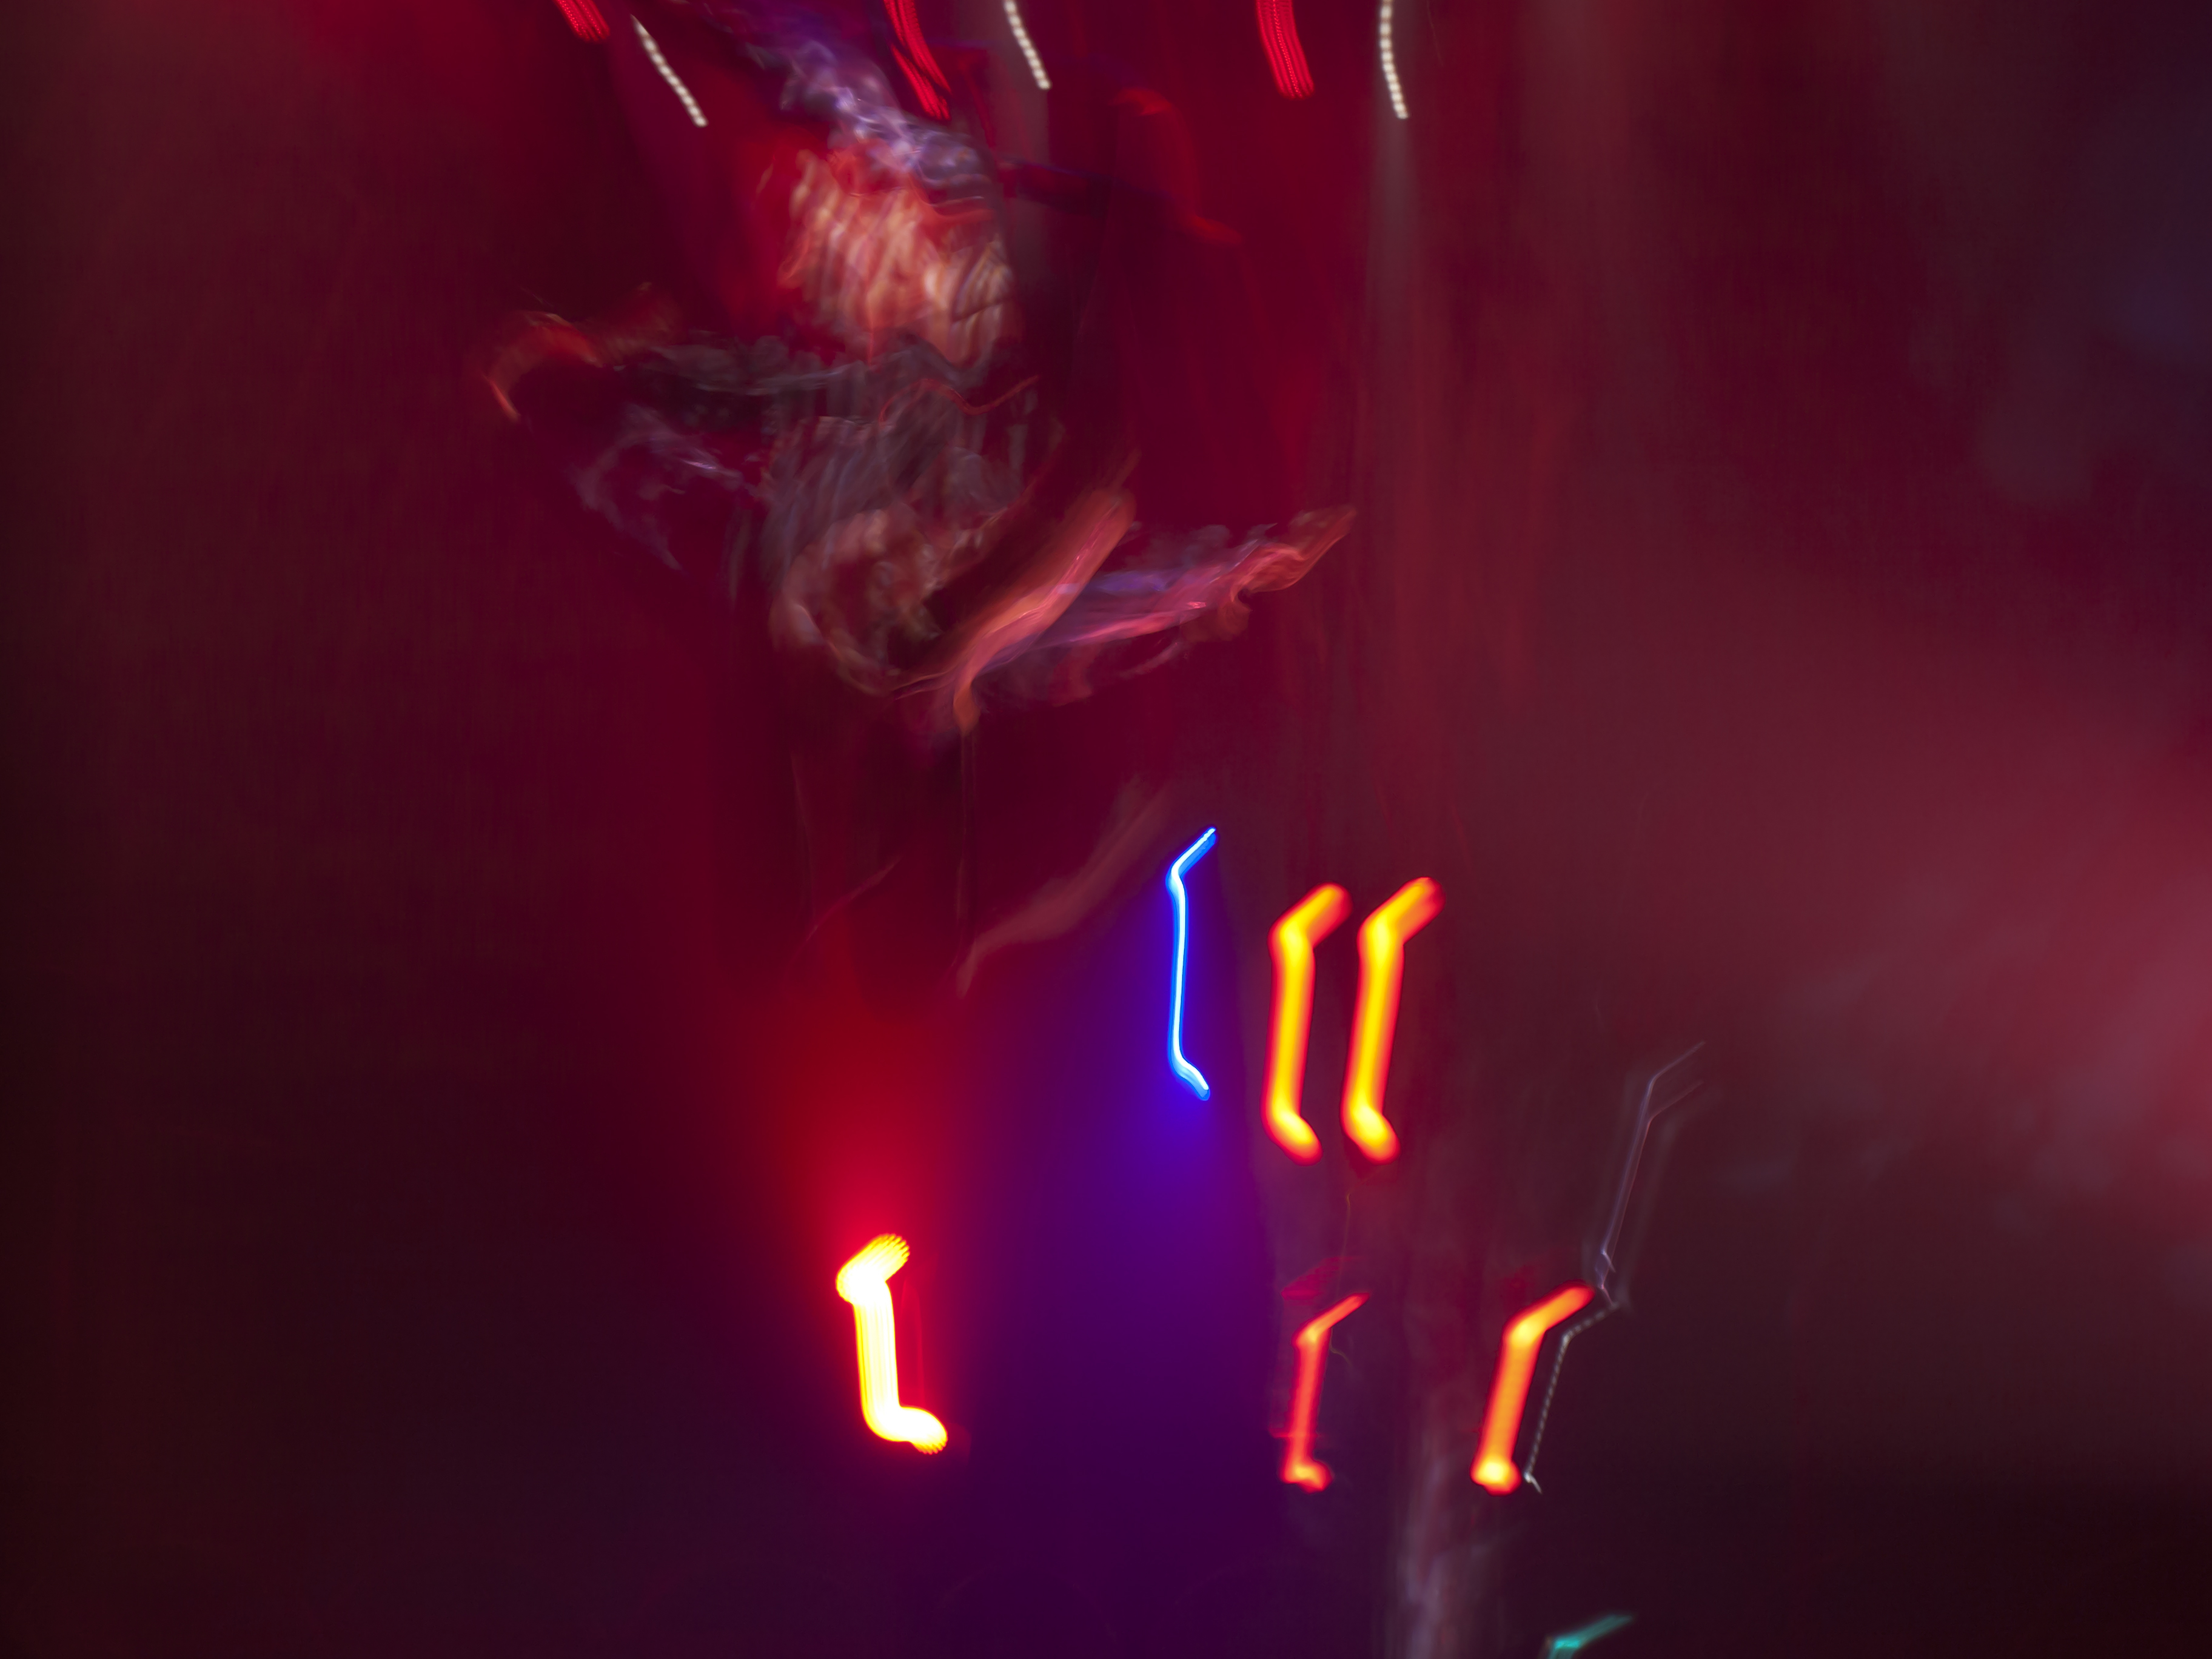 Bild: Zirkuslichter. Der Zirkus des Lebens.